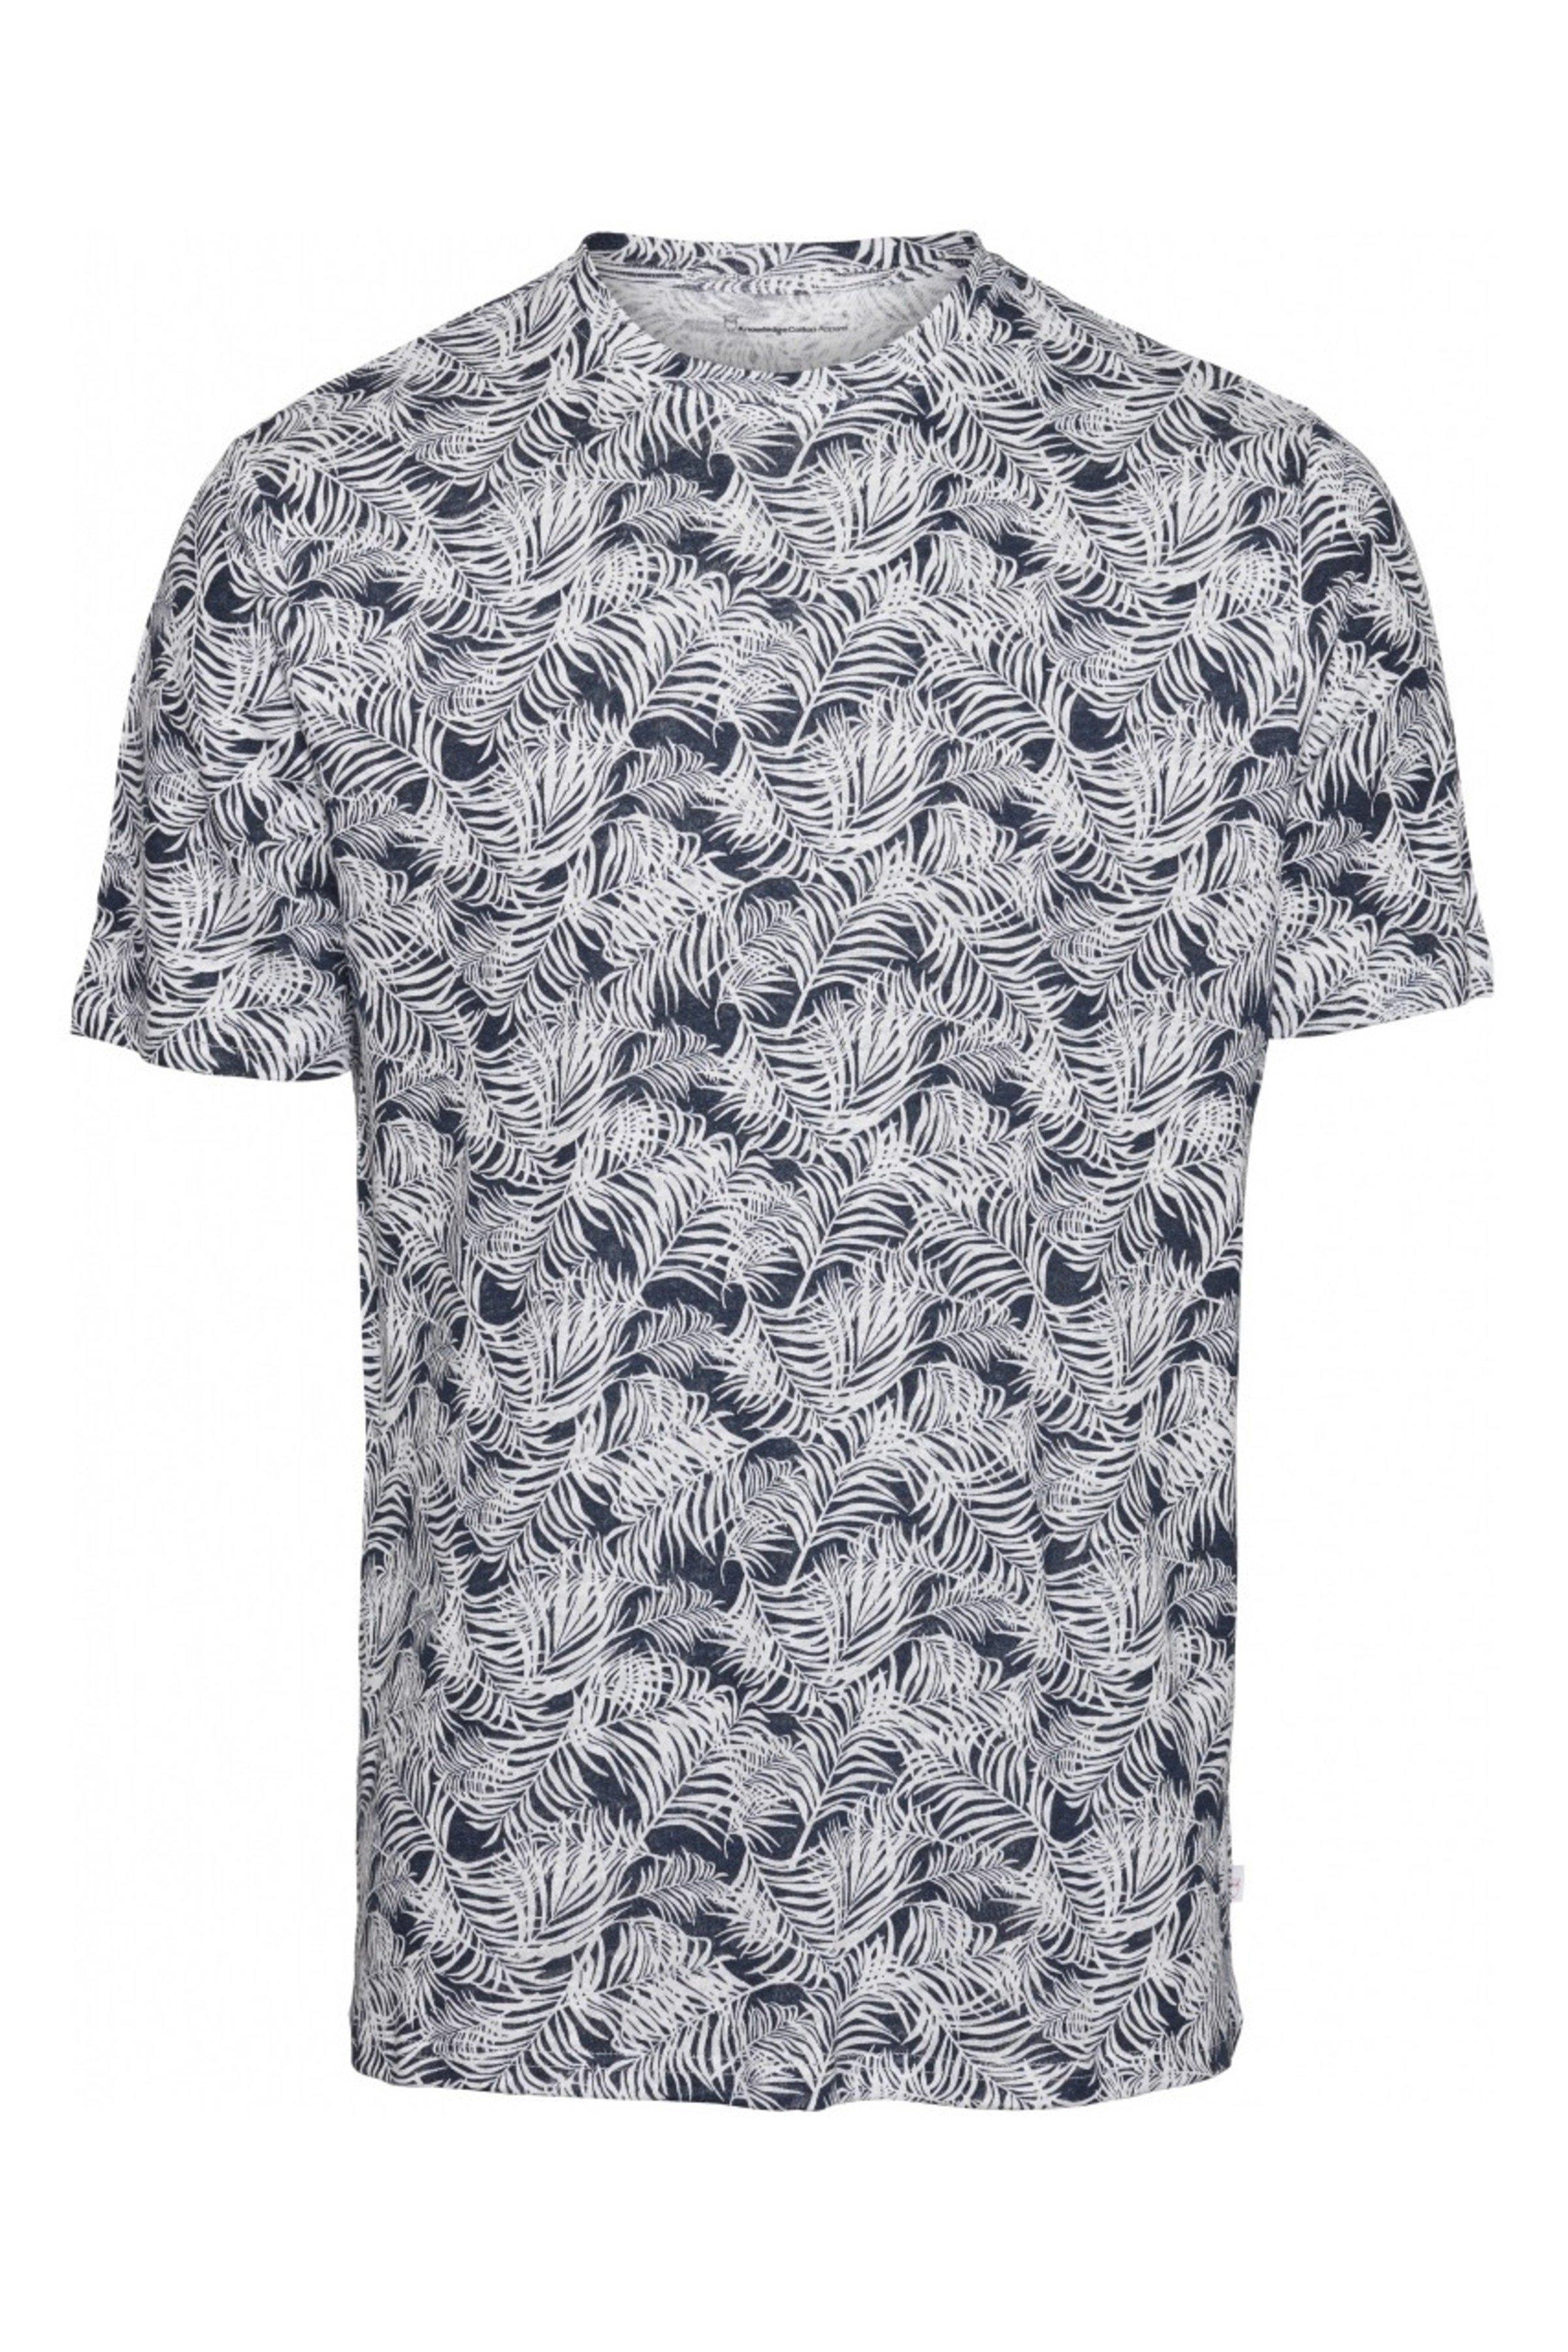 T-Shirt Alder Leinen Palmen Blau